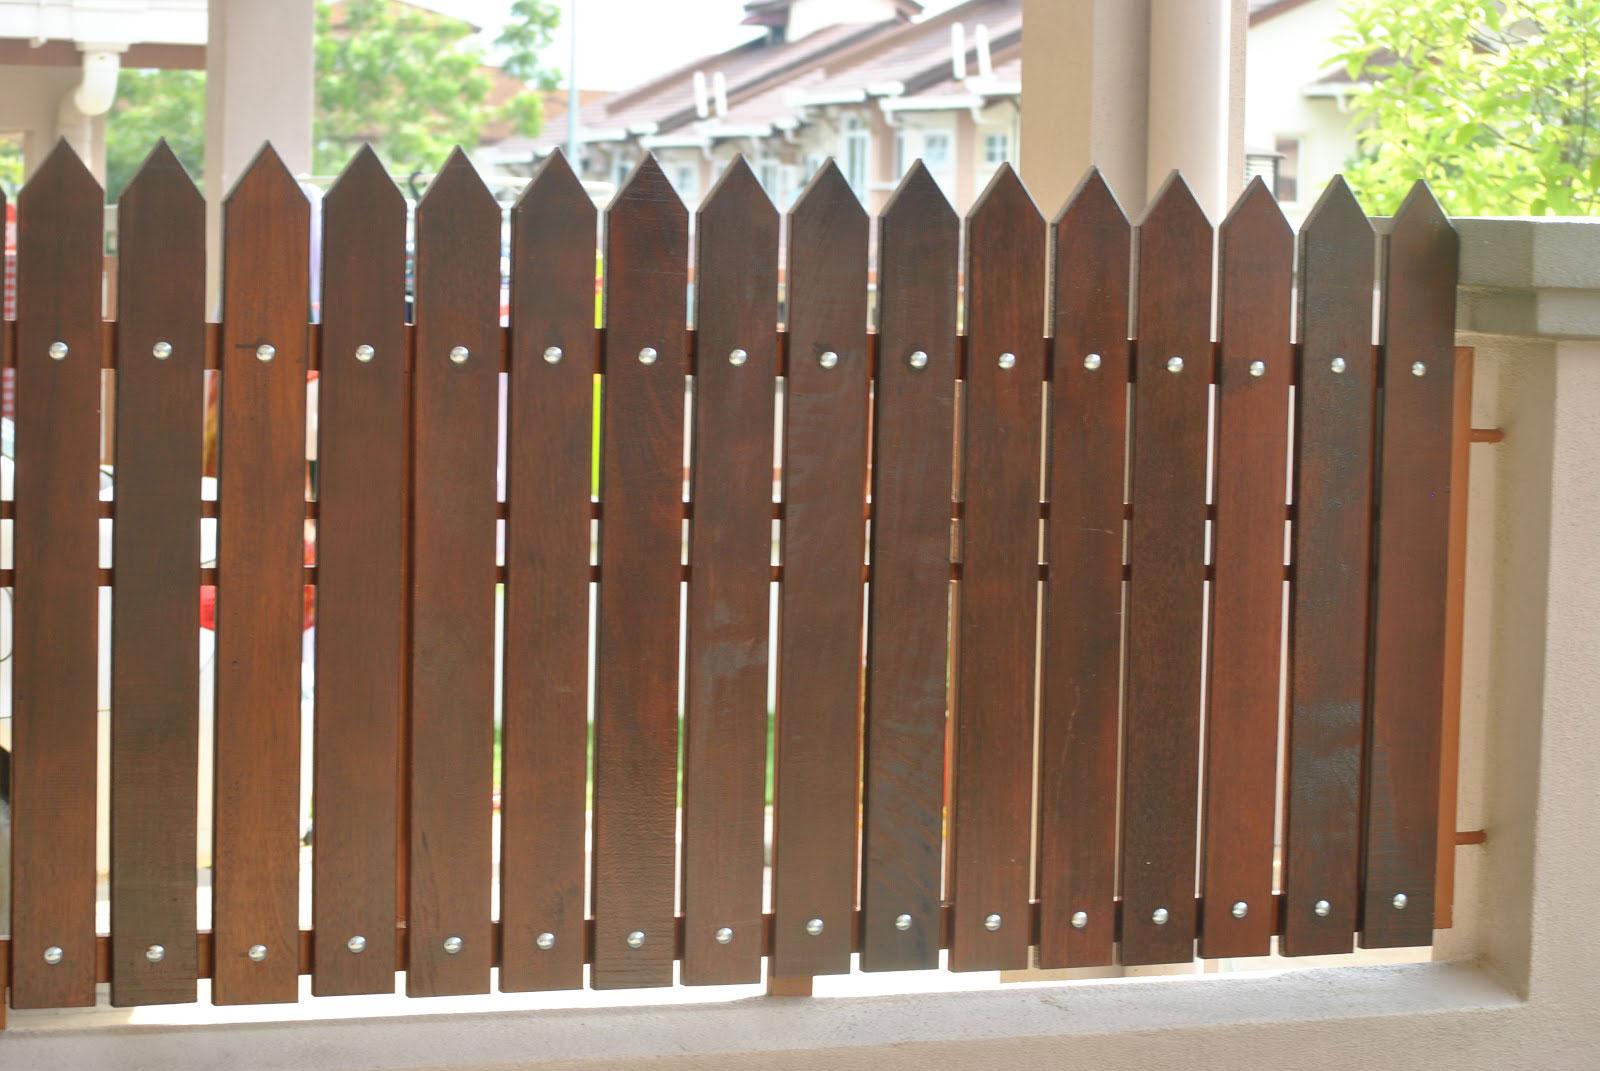 70 Desain Pagar Rumah Minimalis Kayu dan Besi Home